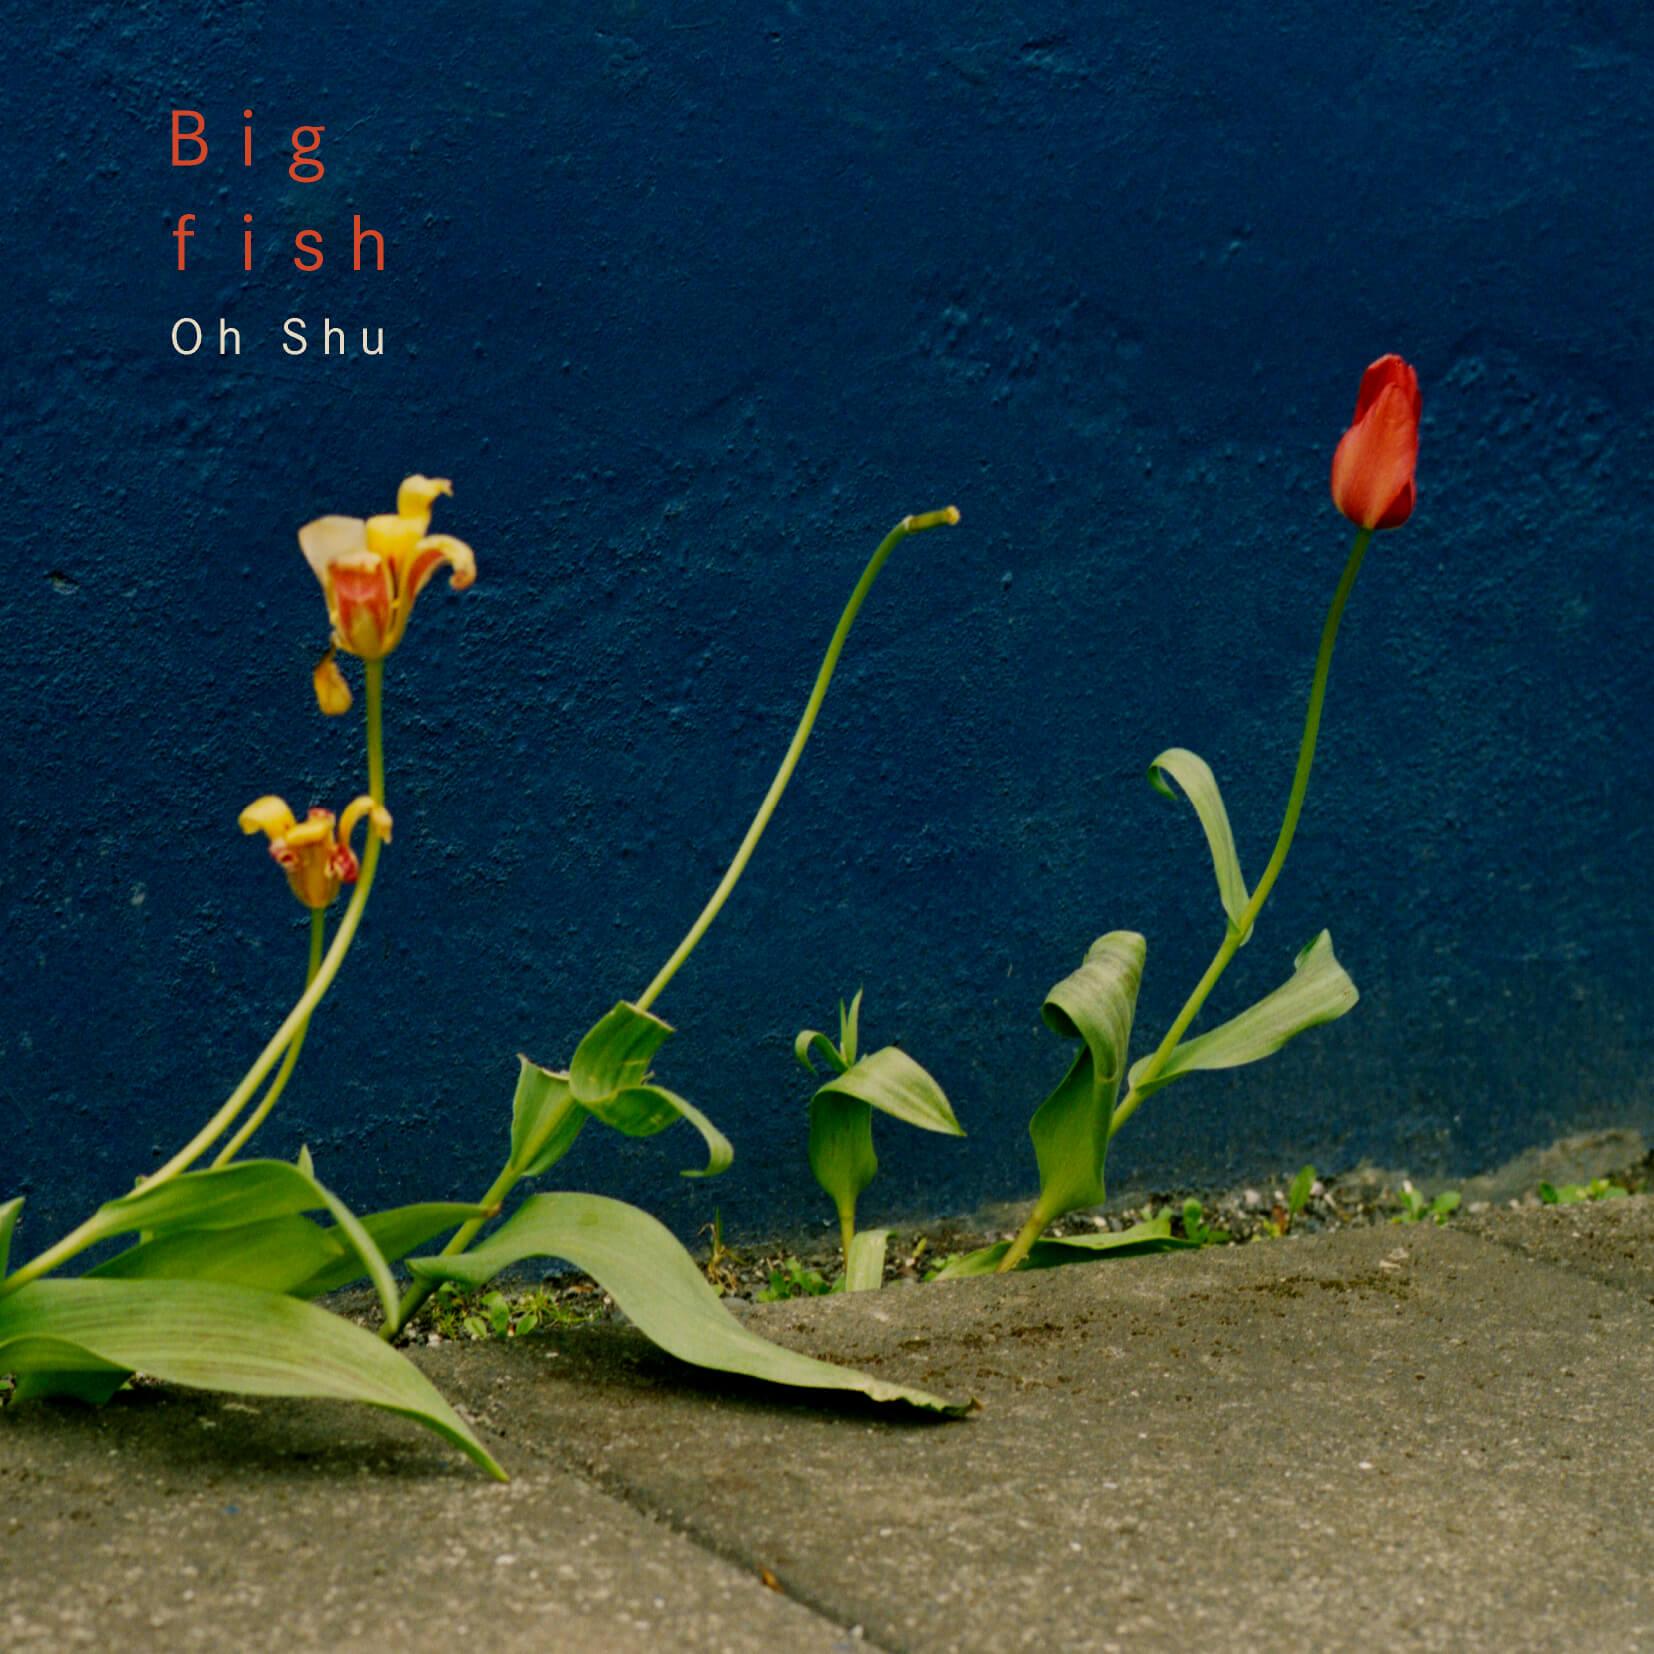 「王舟 big fish」の画像検索結果